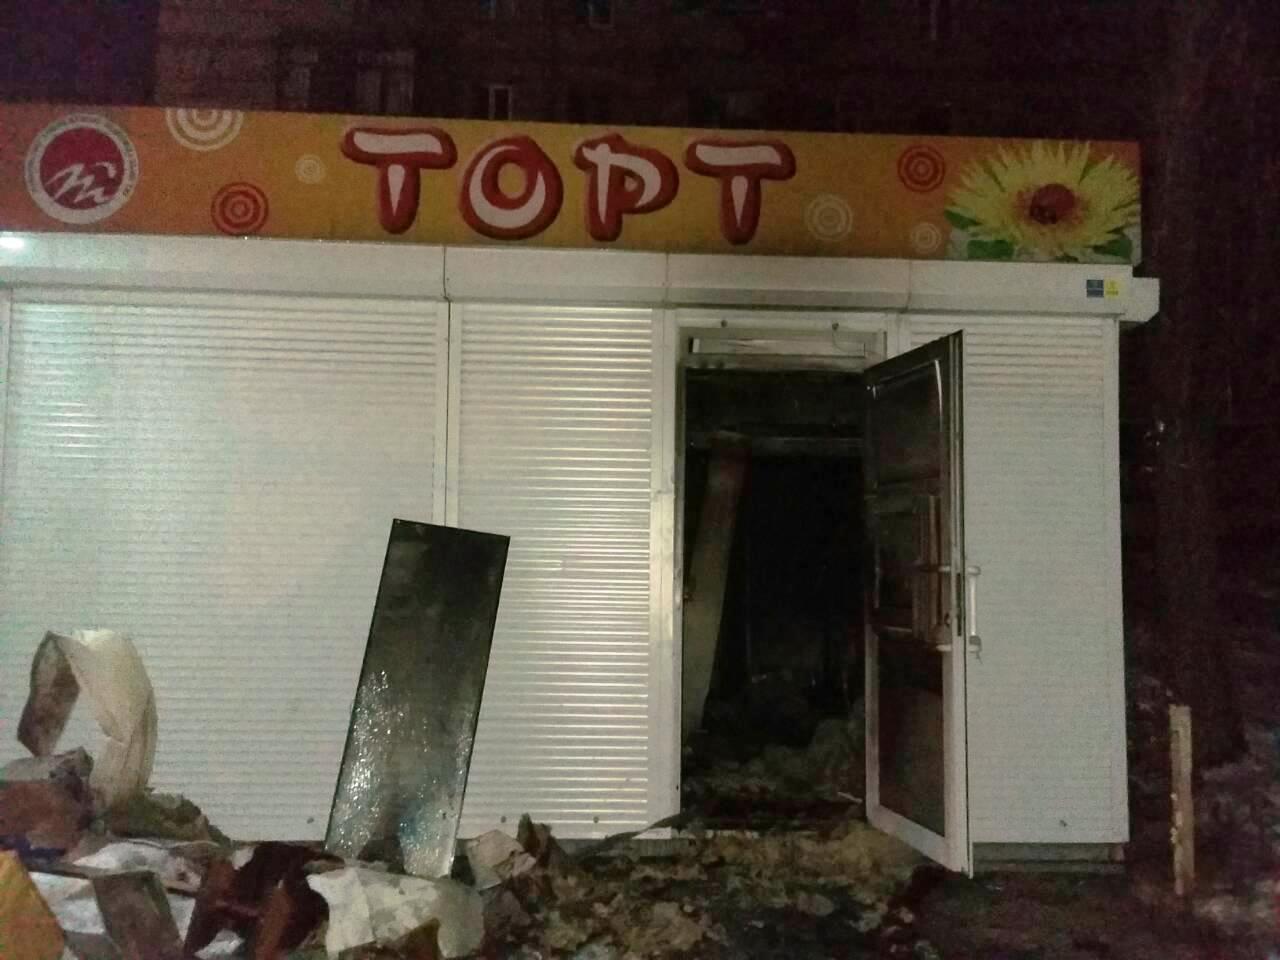 В центре Запорожья уничтожен магазин: поджог или случайность установит расследование (ФОТО)